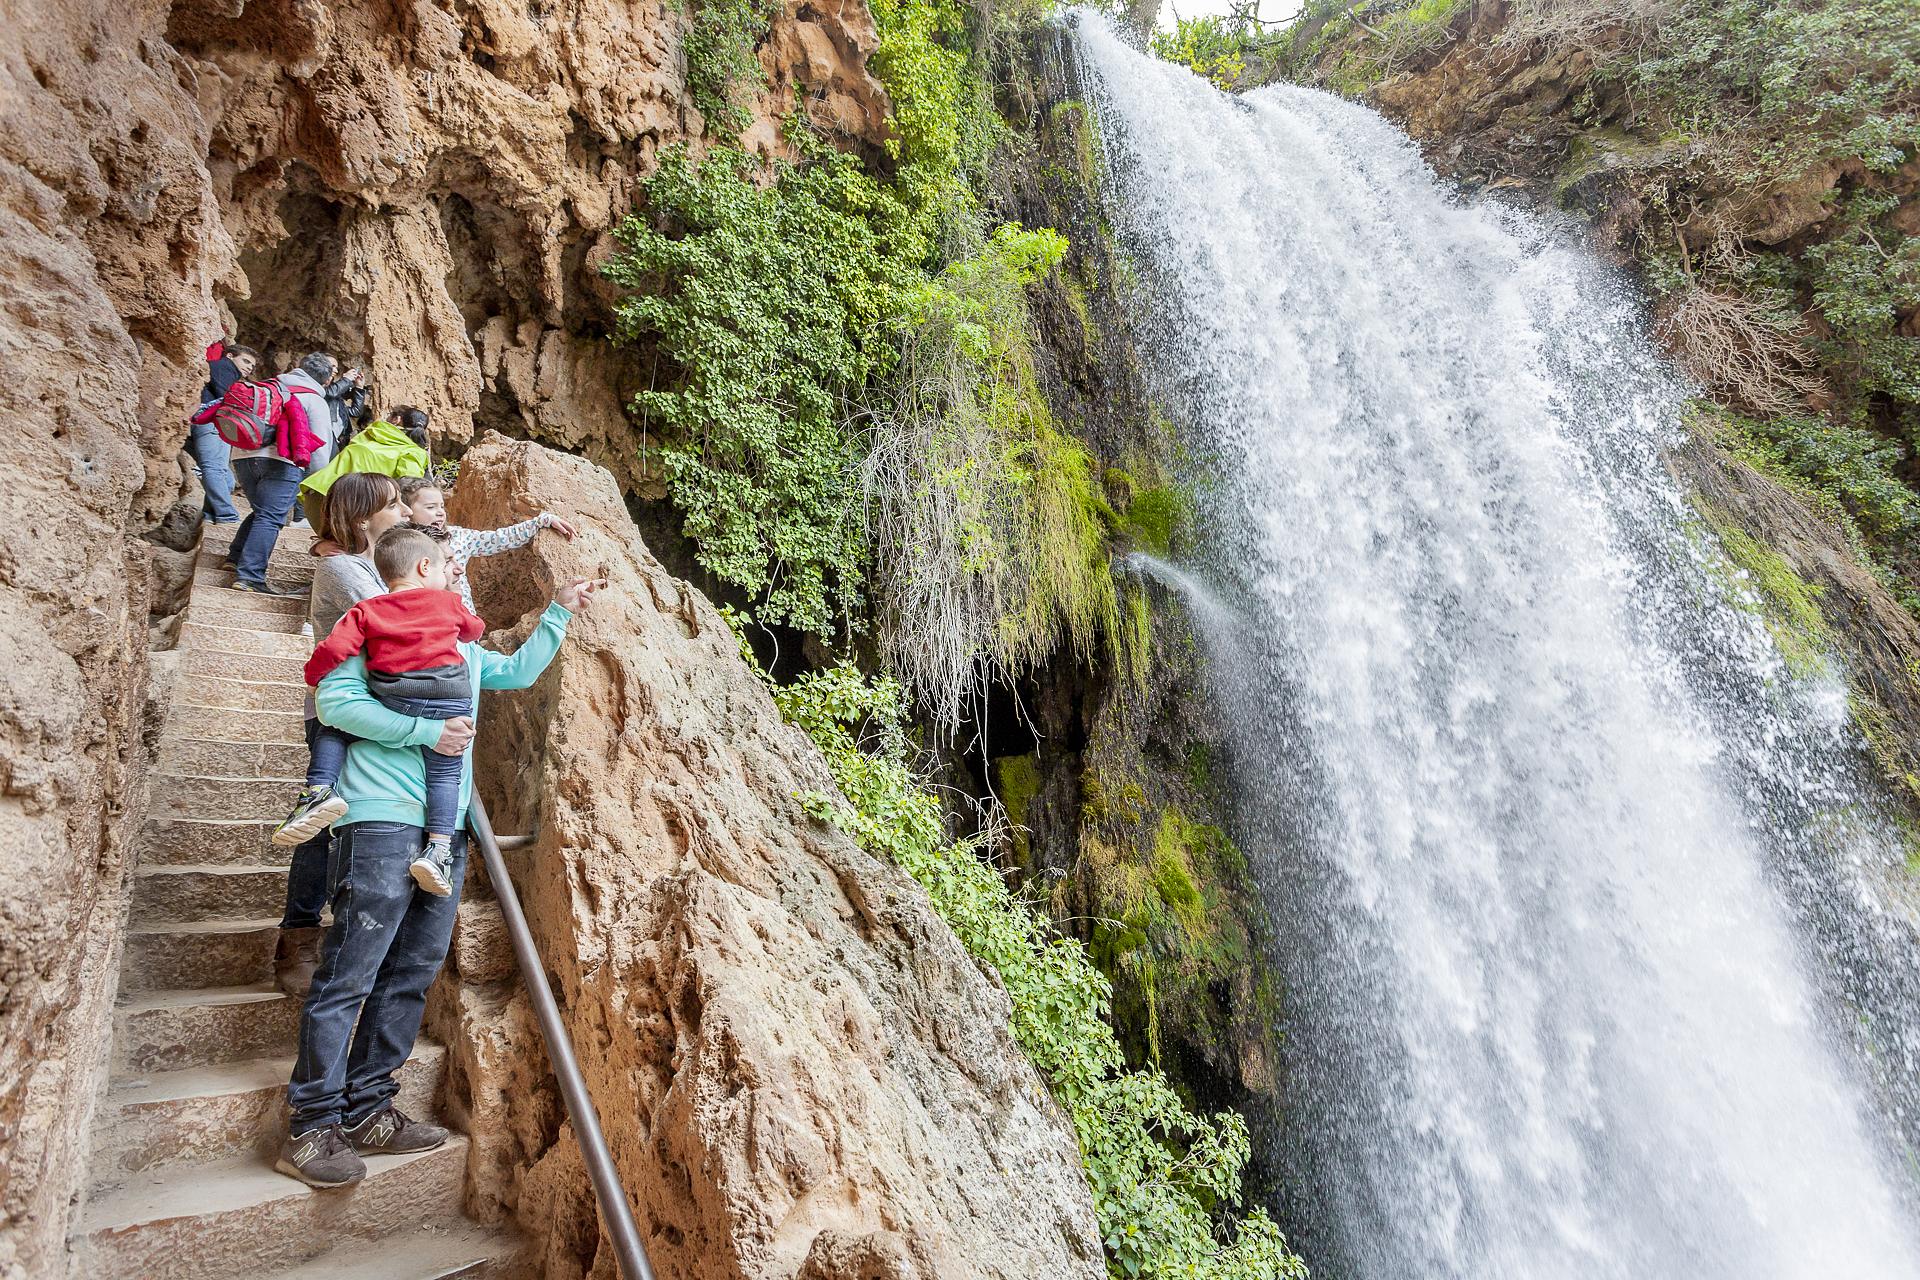 La imponente cascada Cola de Caballo, la más alta de todo el parque con sus 53 metros de caída.